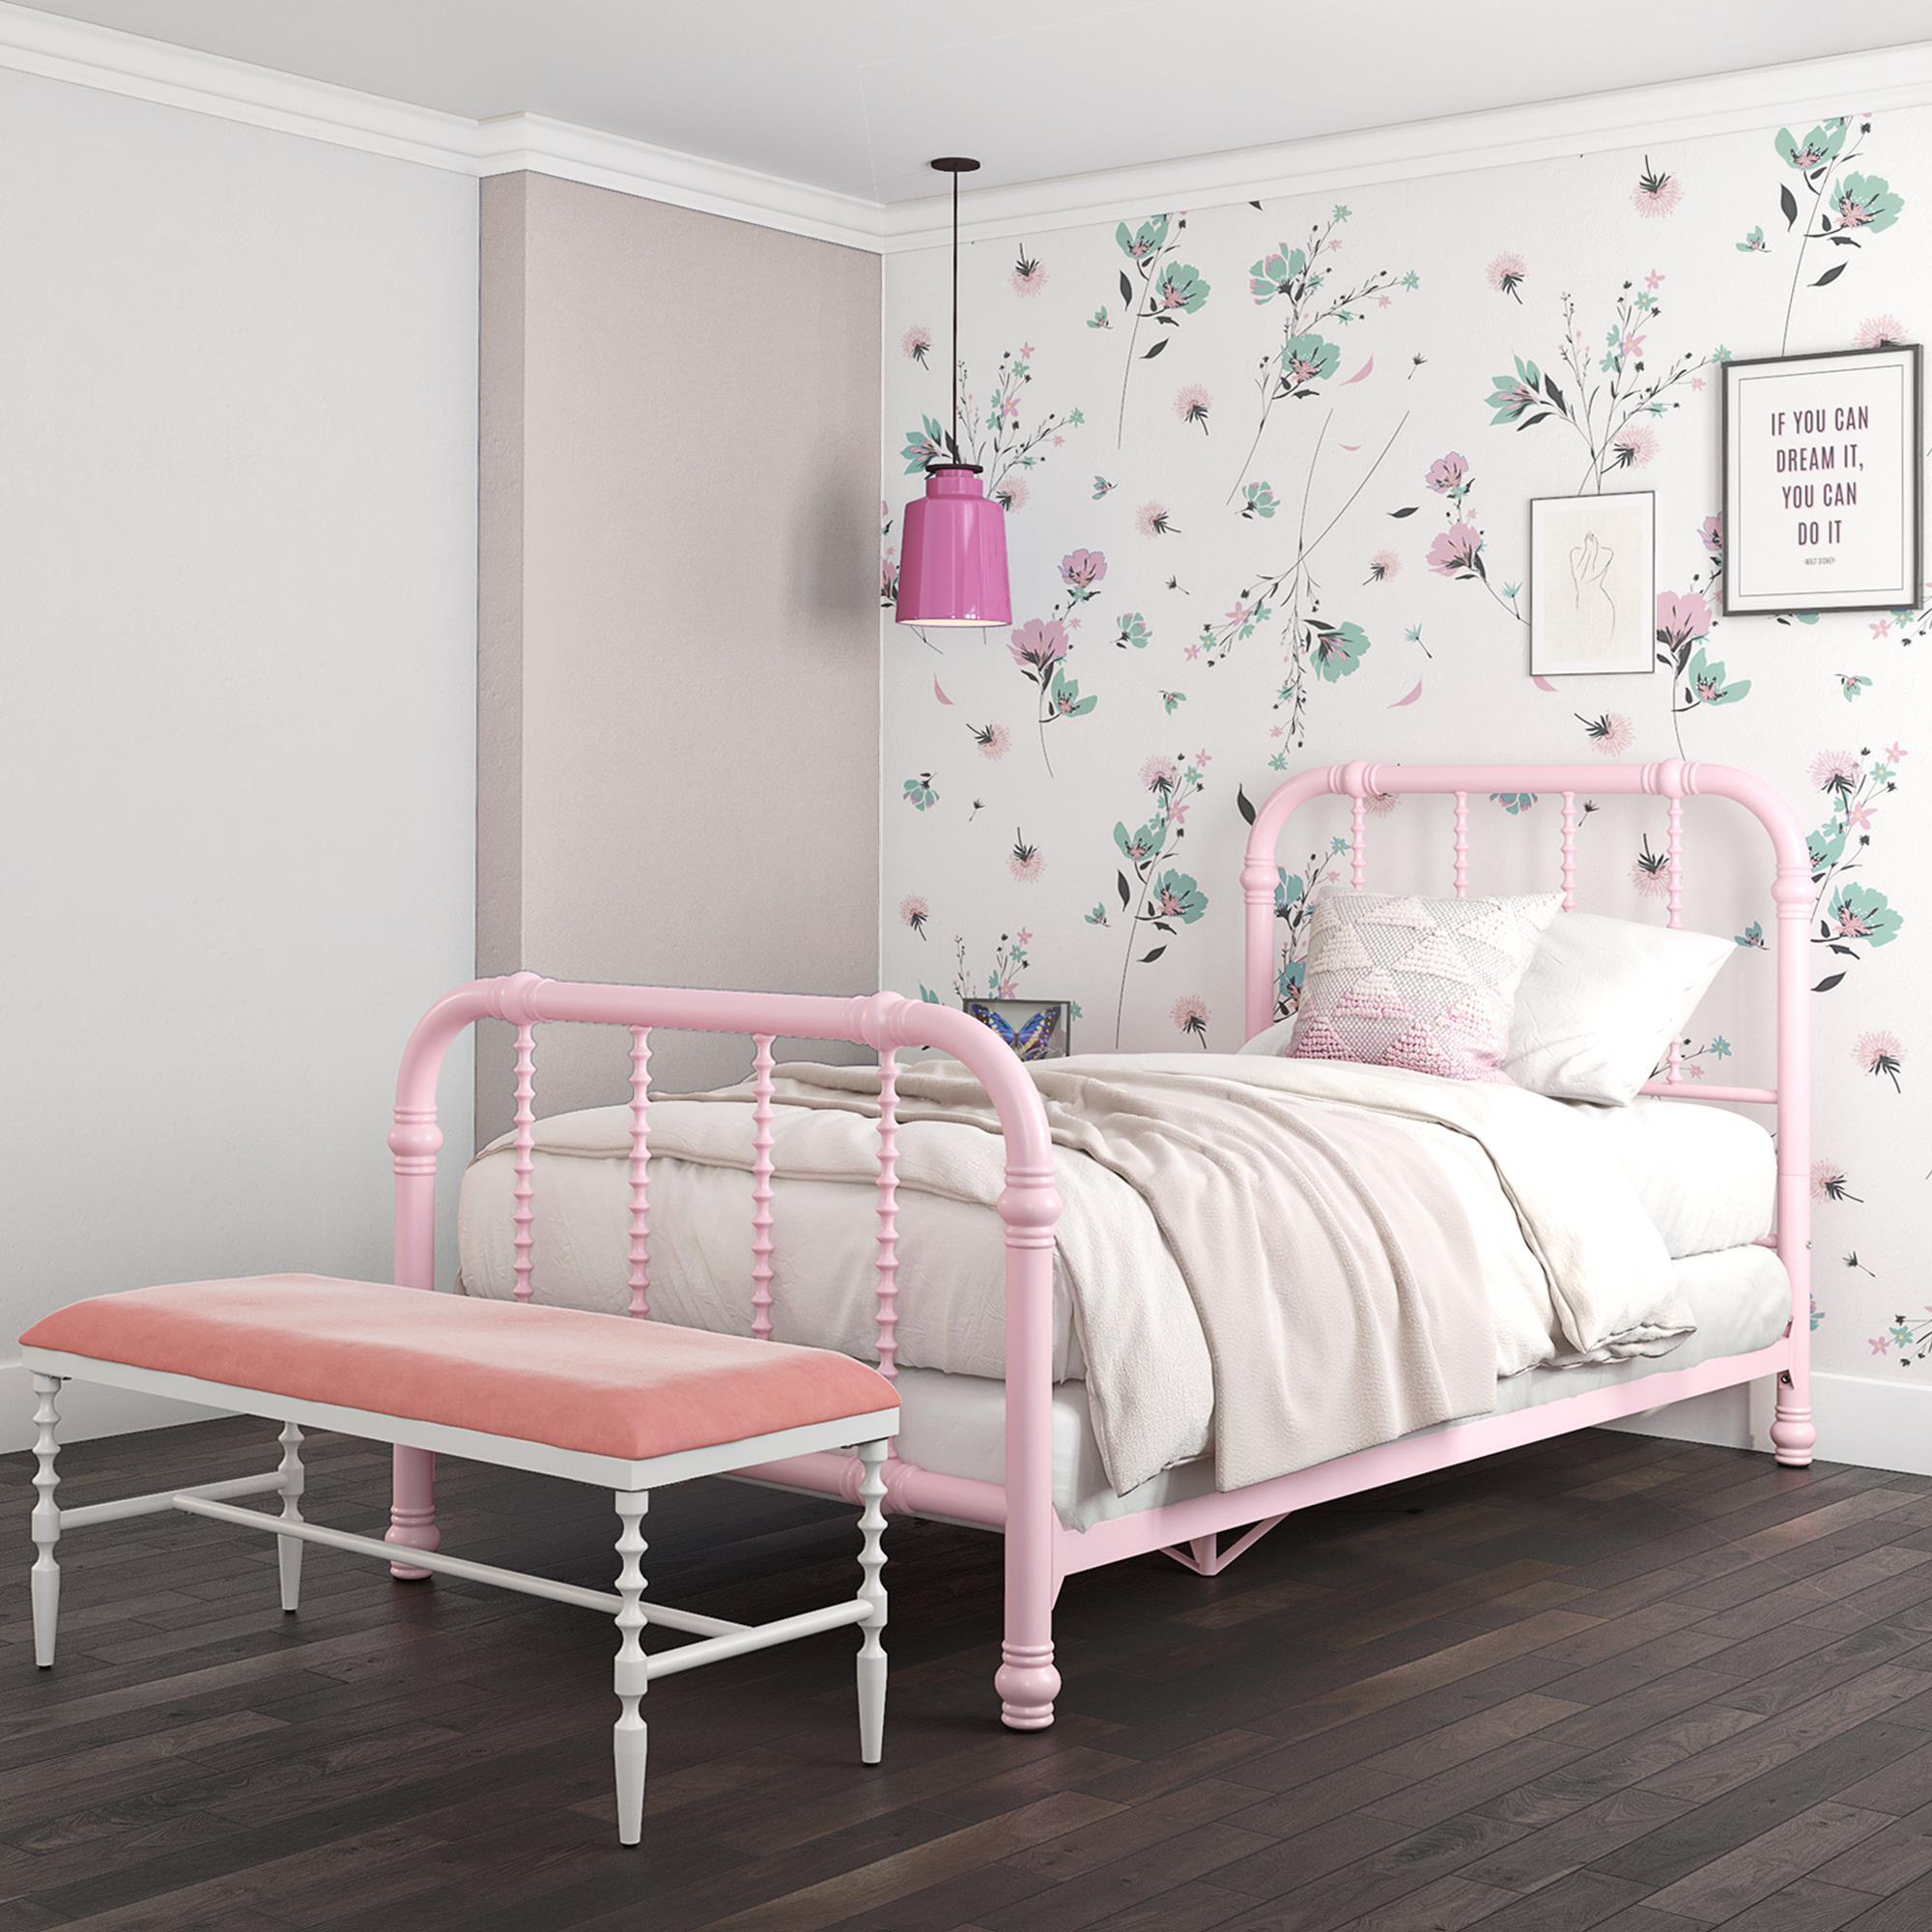 Dhp Jenny Lind Twin Metal Bed Twin Size Pink Walmart Com Walmart Com